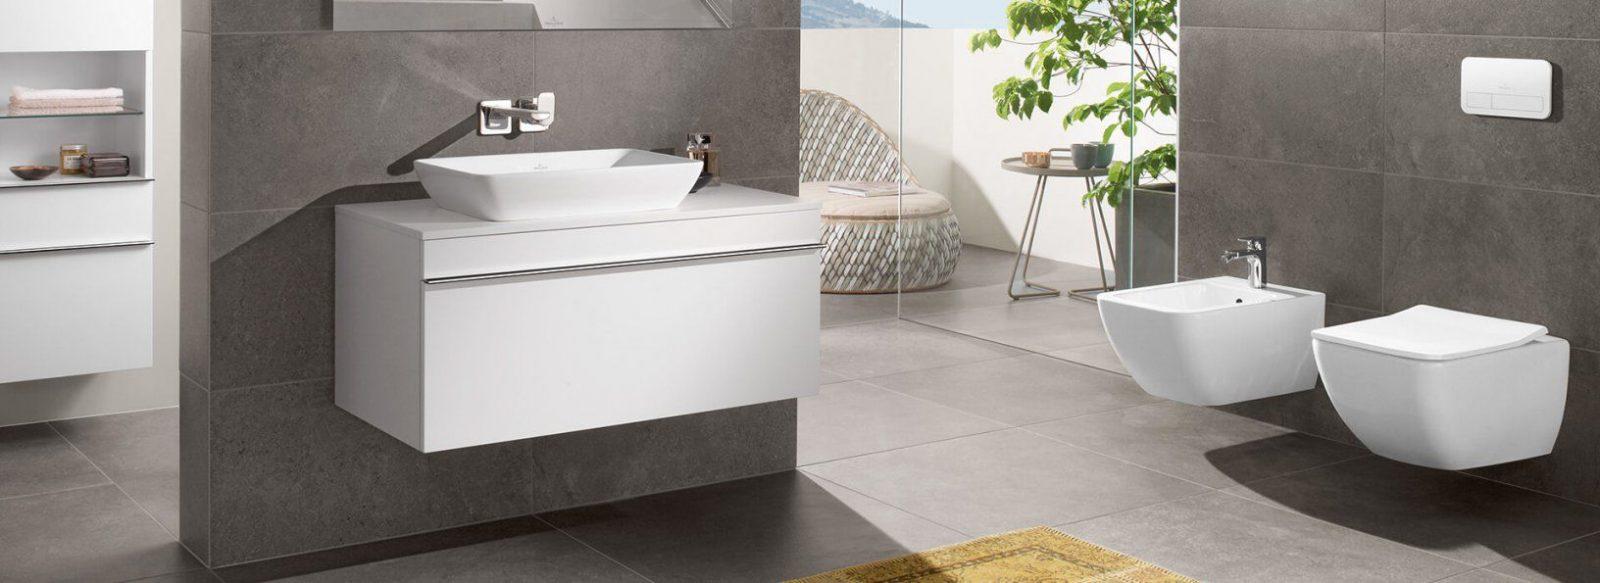 Villeroy And Boch Bathrooms Rip von Badplaner Villeroy Und Boch ...